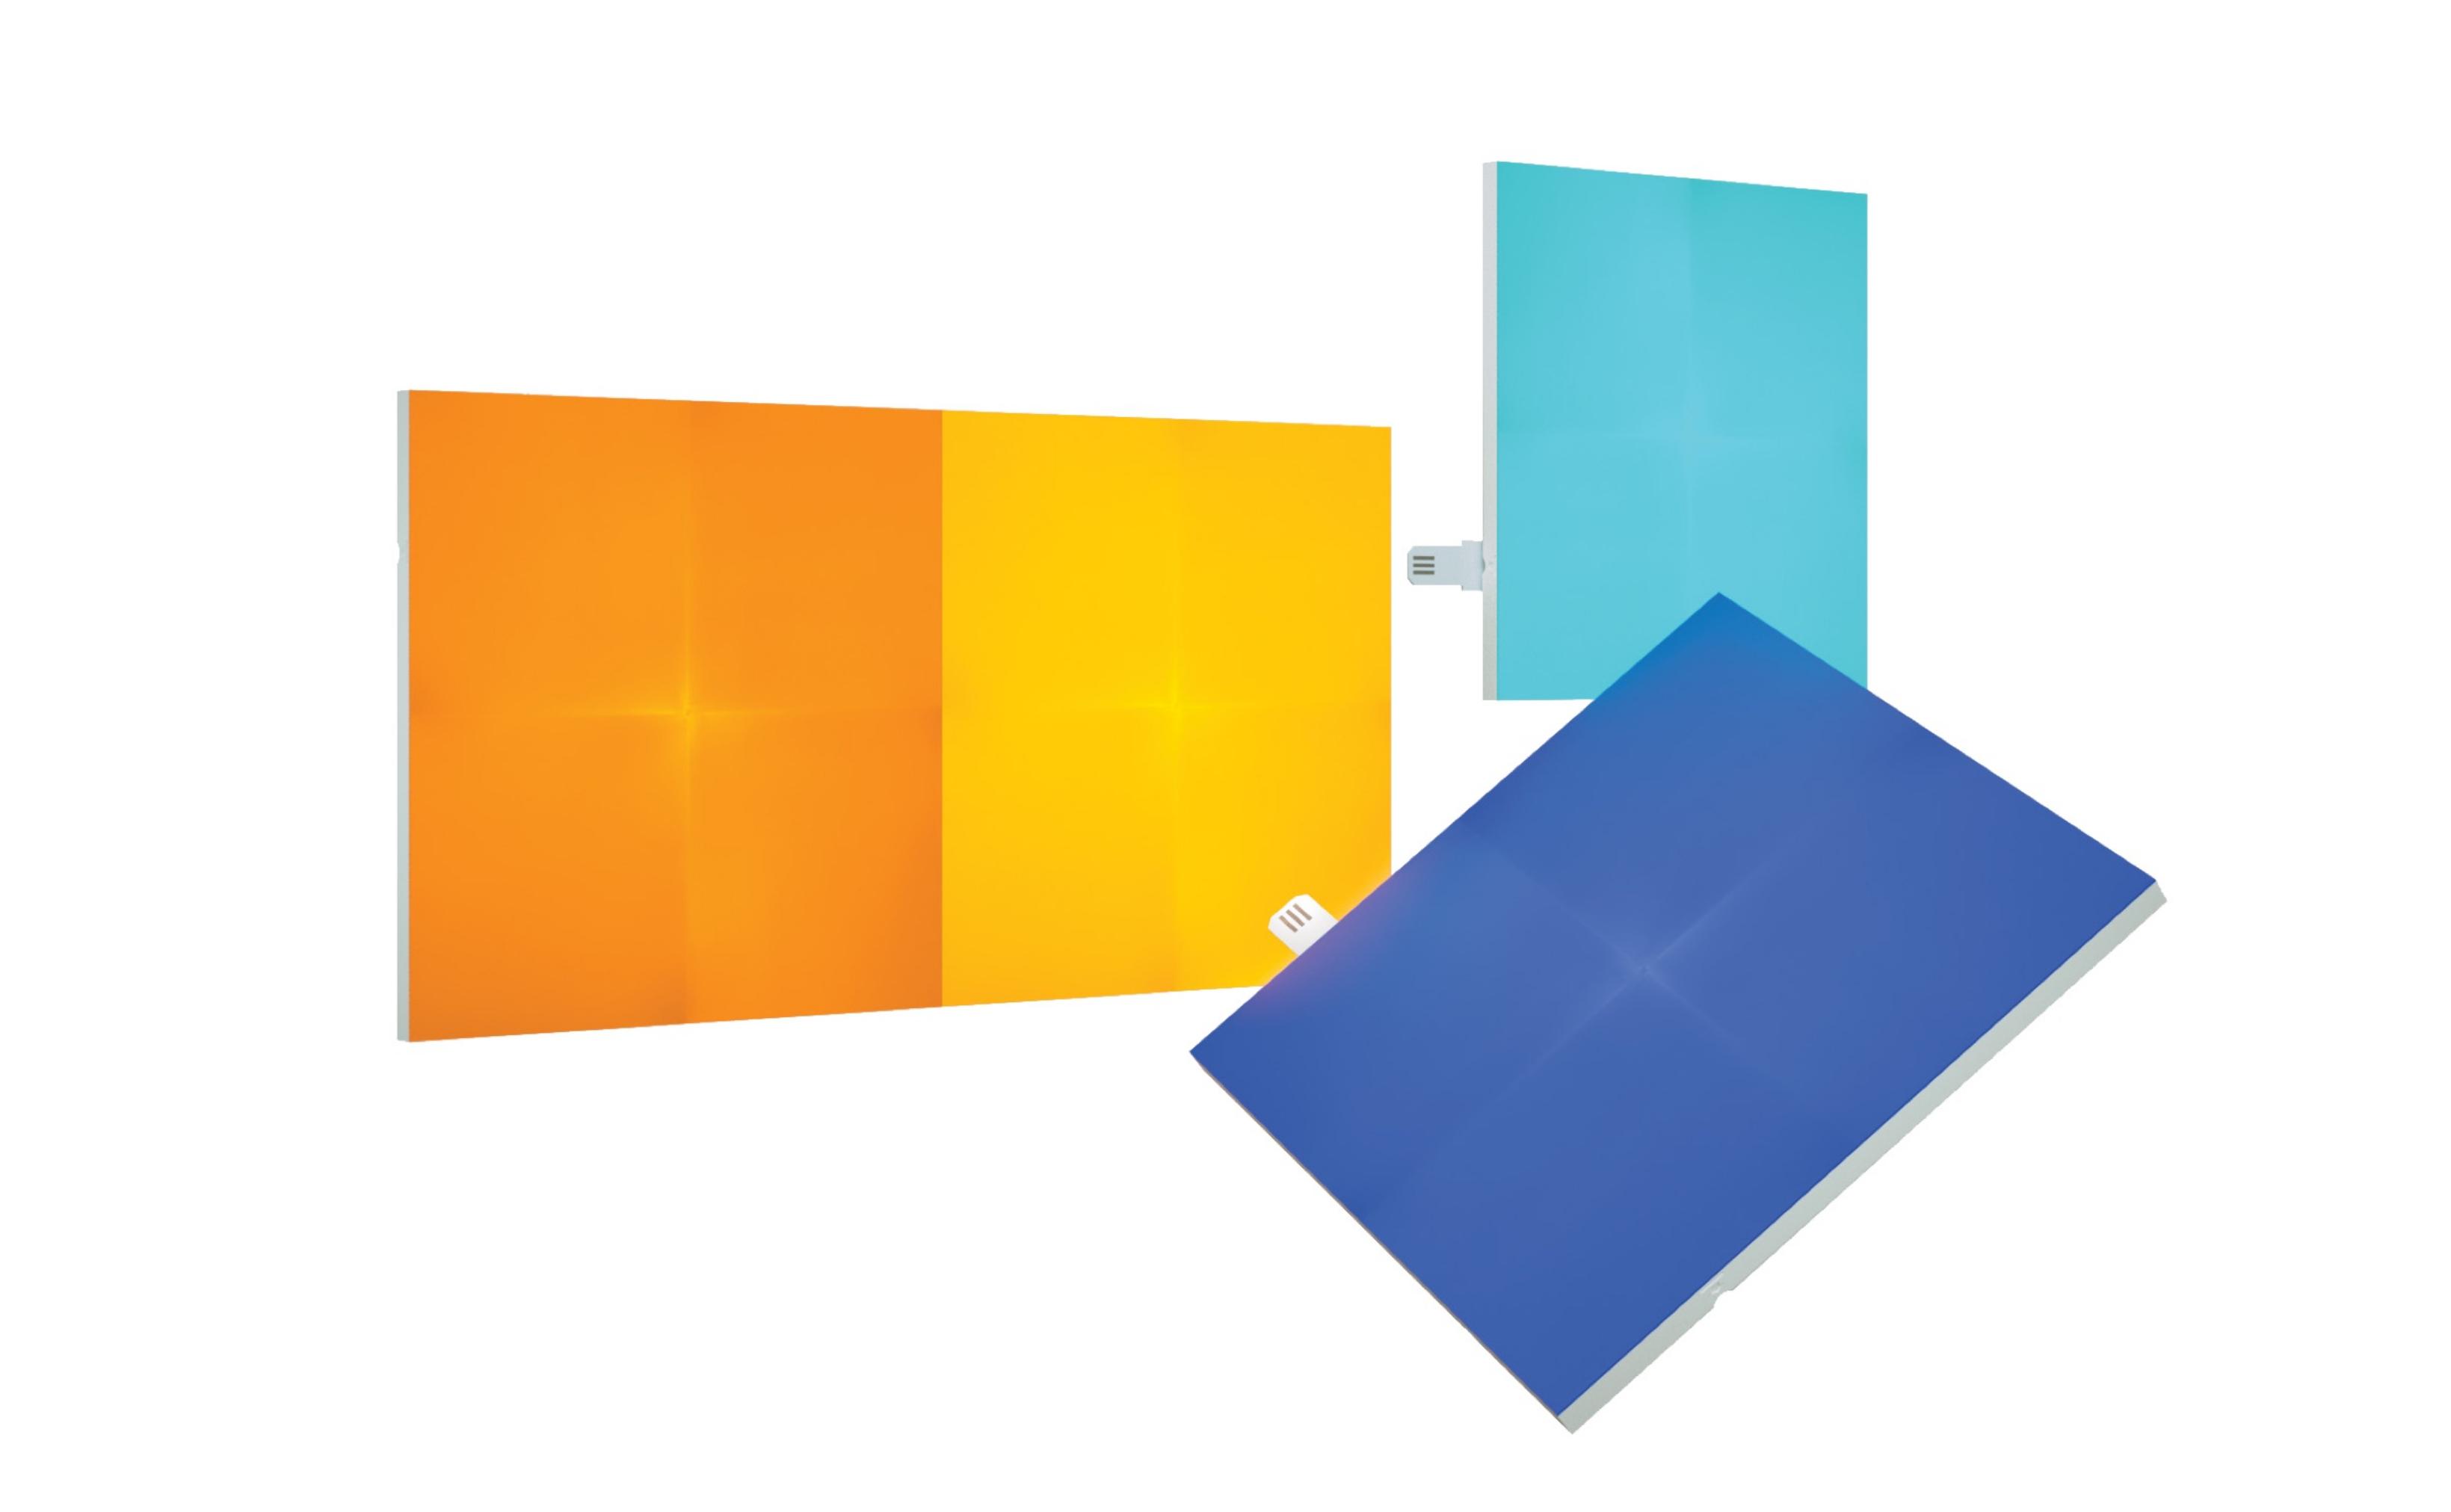 نانوليف-كانفاس  الواح اضاءة اضافية LED الذكيه (4 قطع ) ملحق اضافي